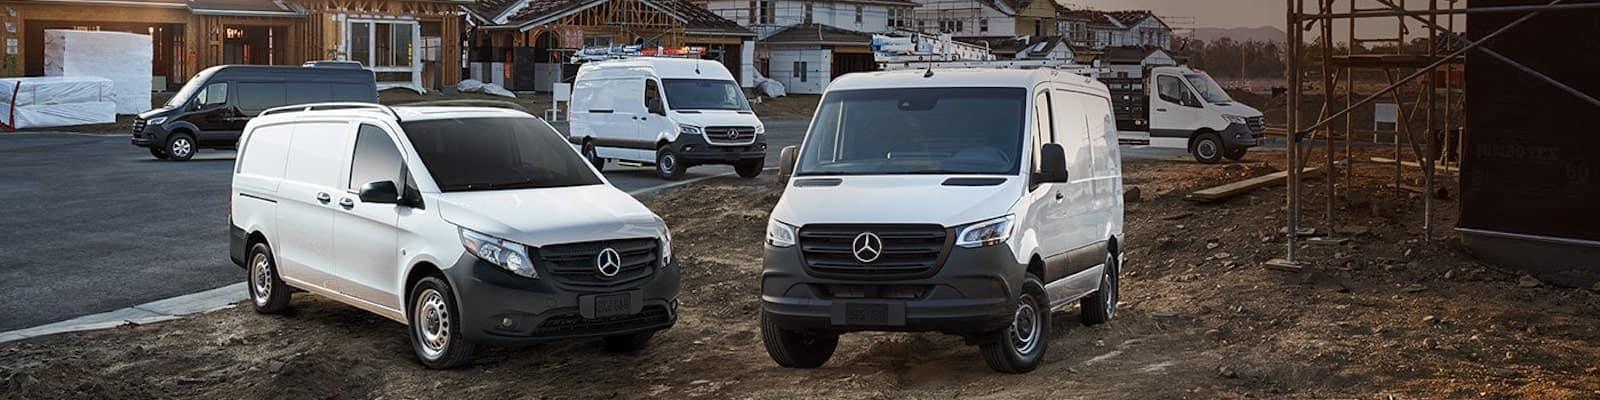 Mercedes-Benz Commercial Vans